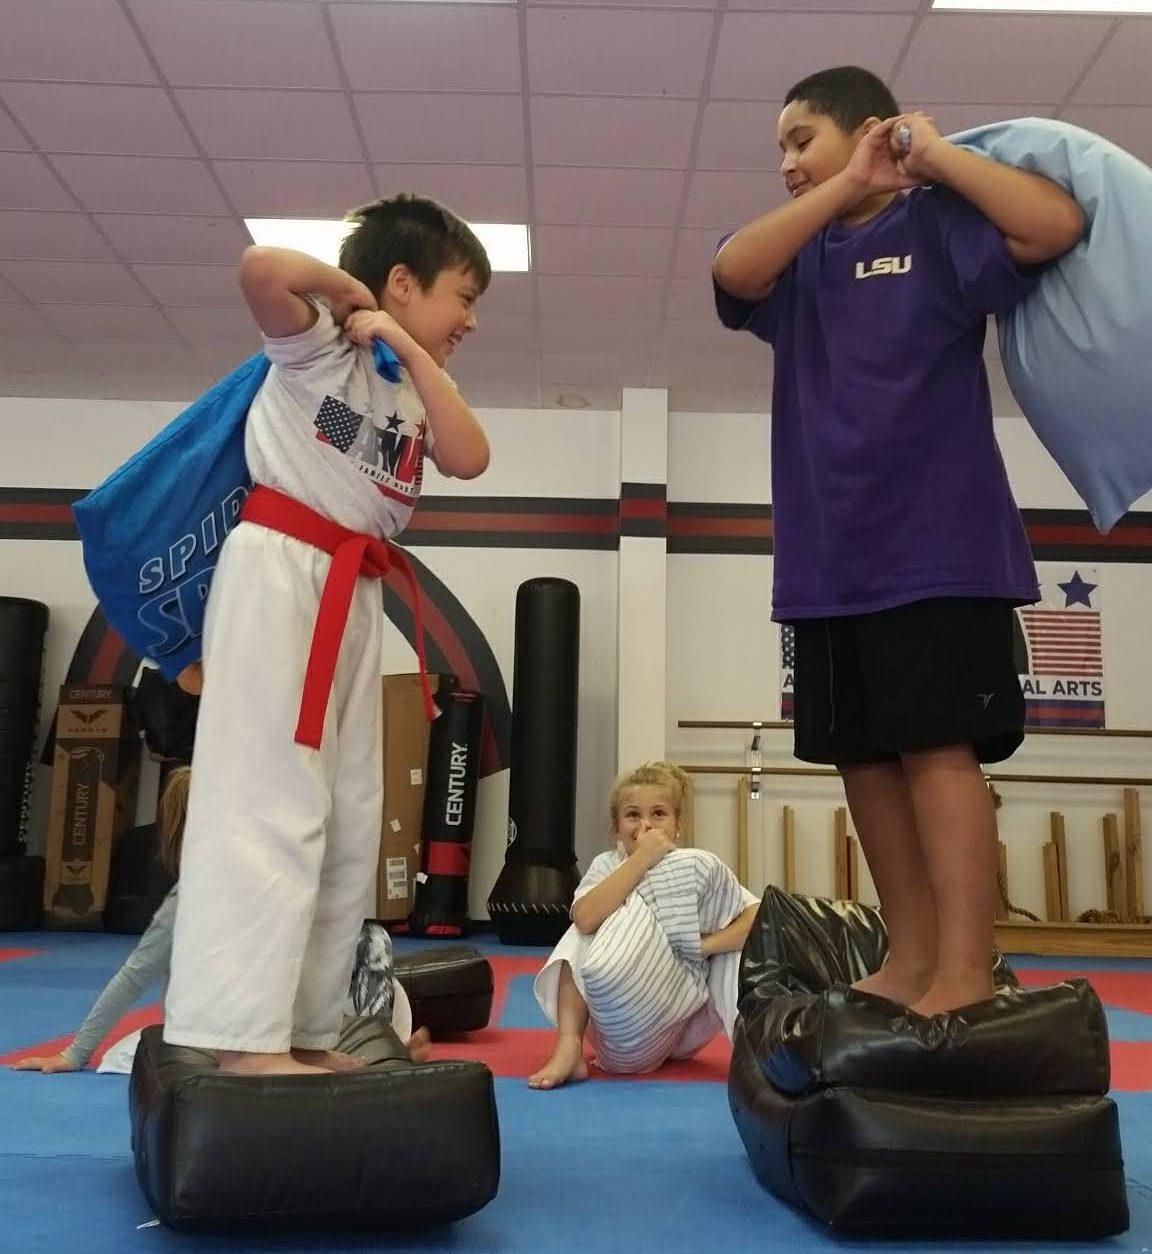 karate pillow fight